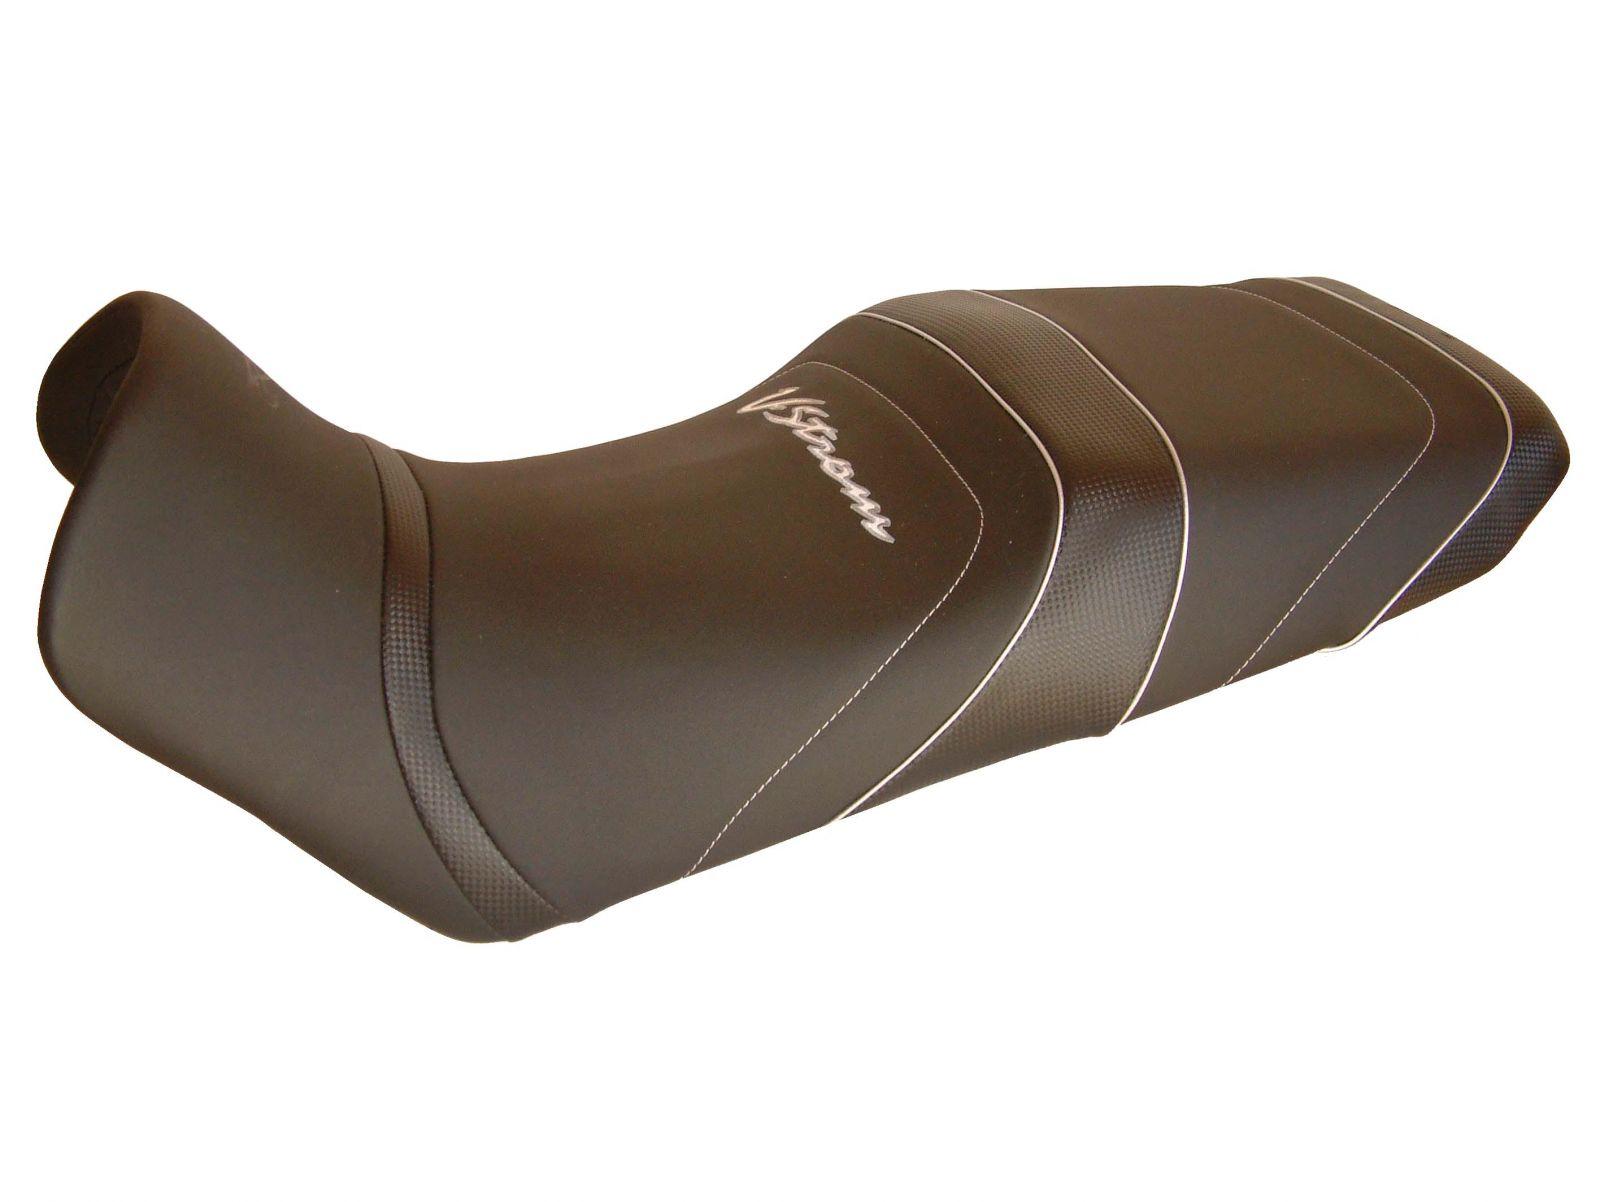 Design zadelhoes HSD3761 - SUZUKI V-STROM DL 650 [2002-2011]